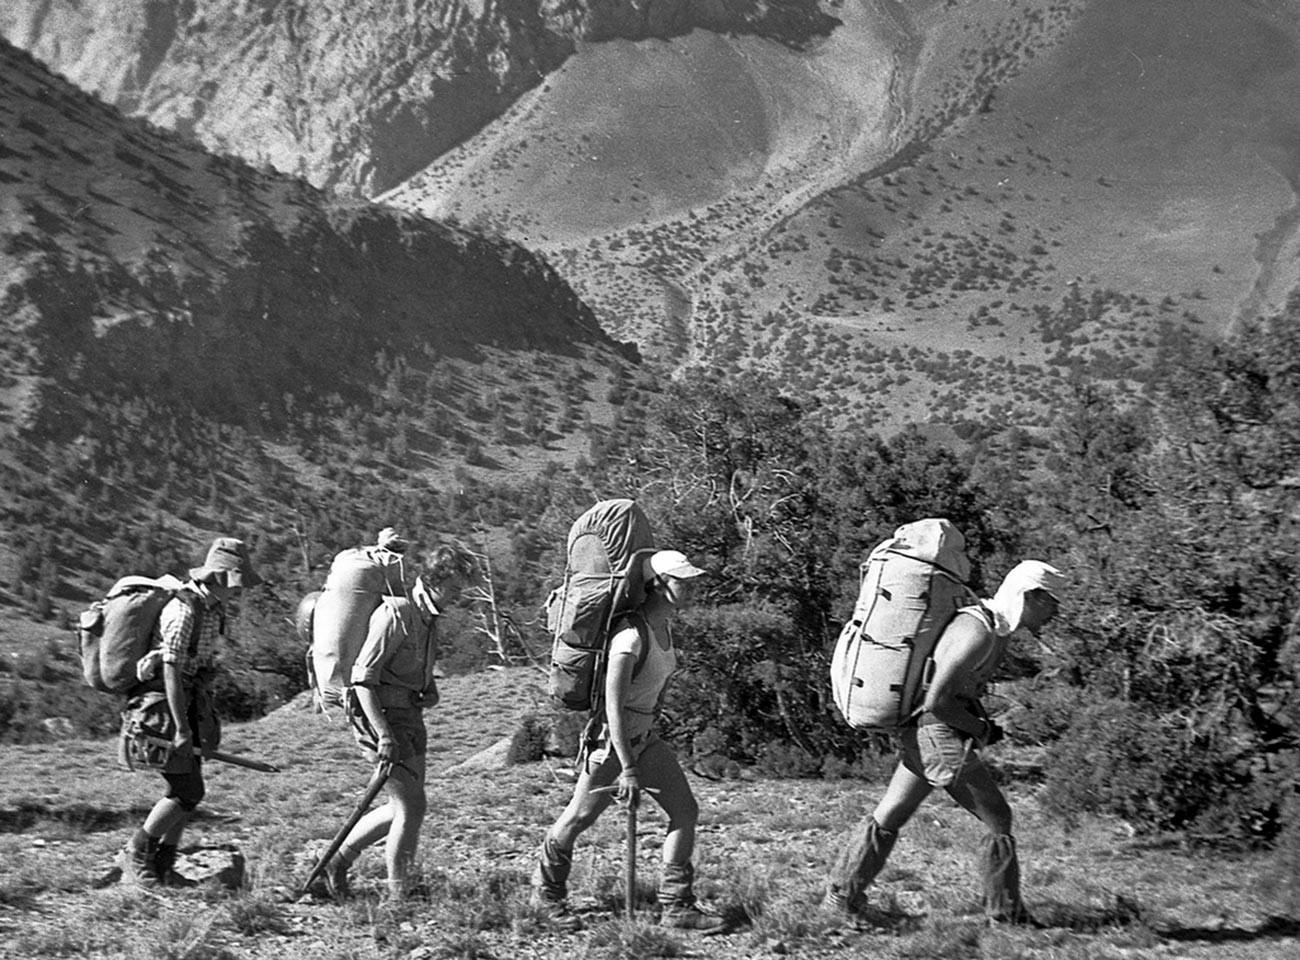 パミール高原に来たソ連の登山家・ハイカー。タジク・ソビエト社会主義共和国。1986年9月3日-24日